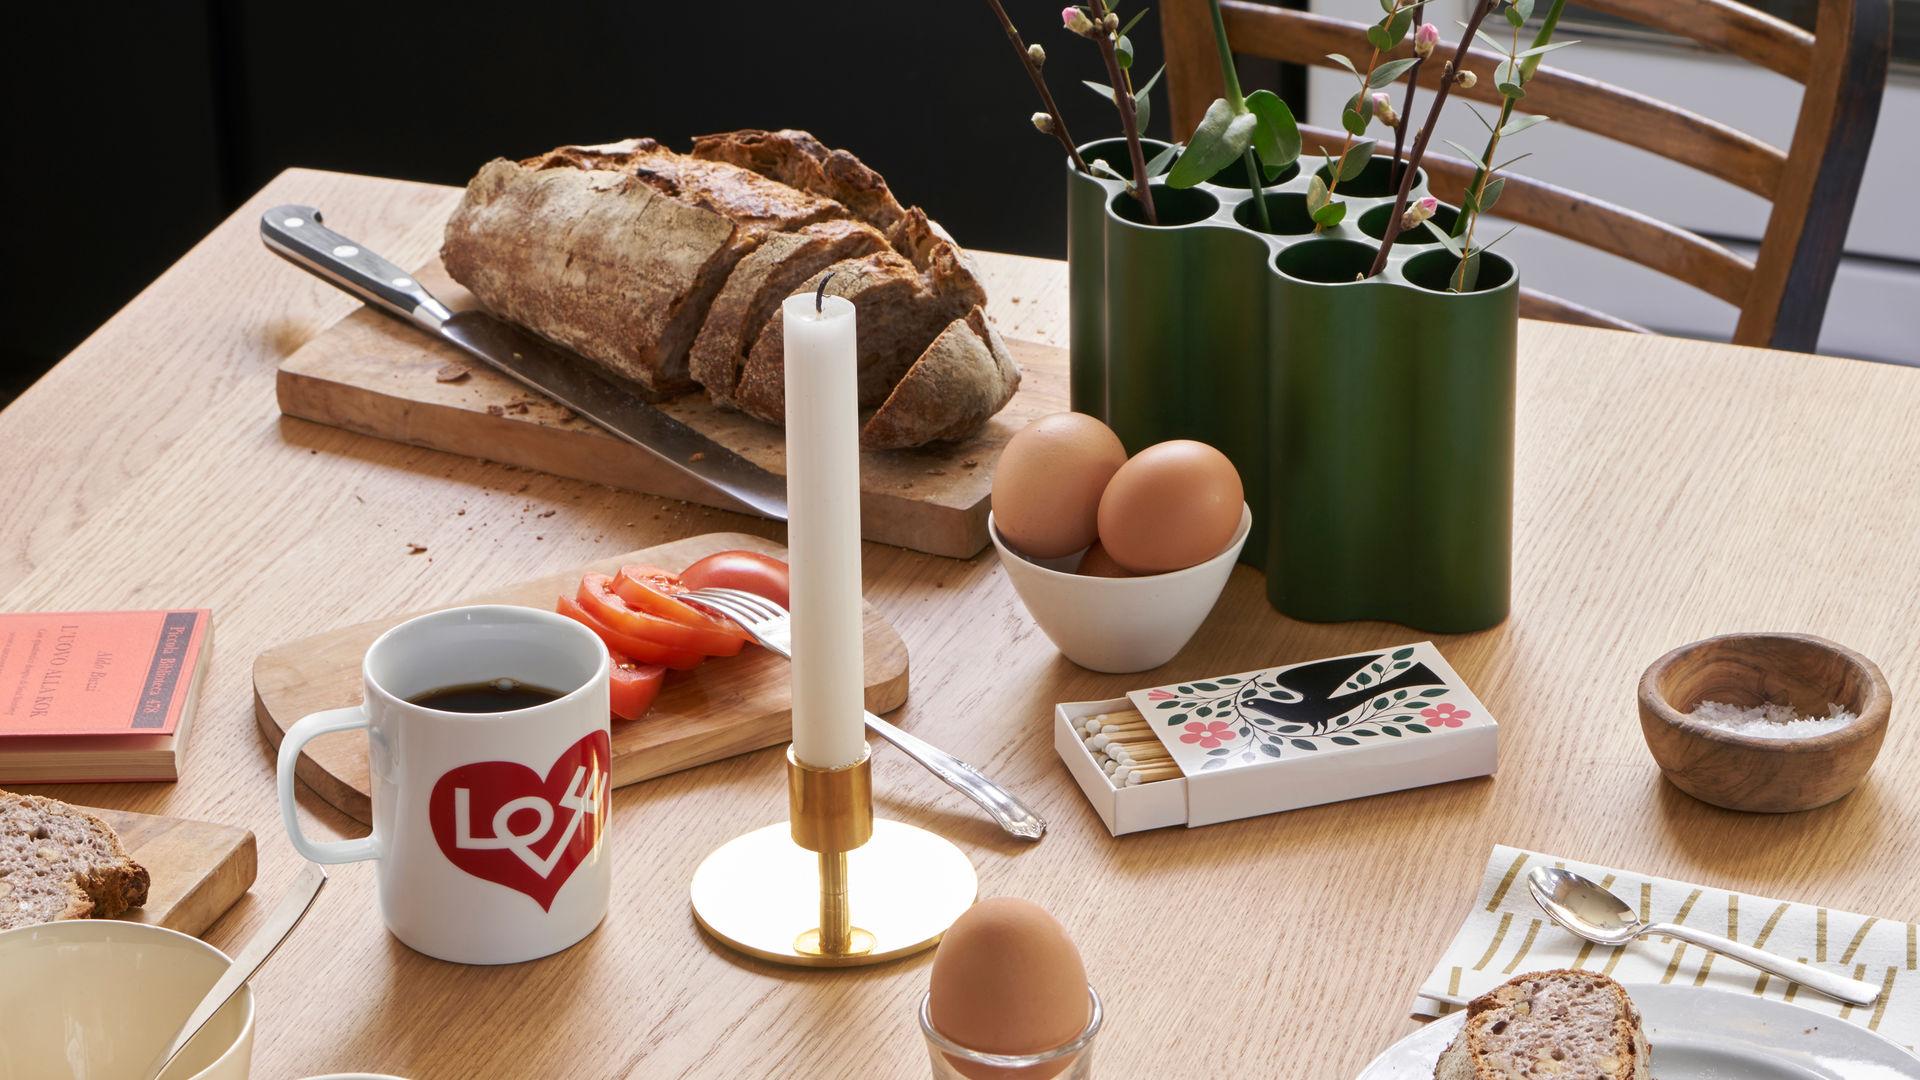 Nuage Vase Candle Holder Coffee Mugs Matchbox Napkins_web_16-9